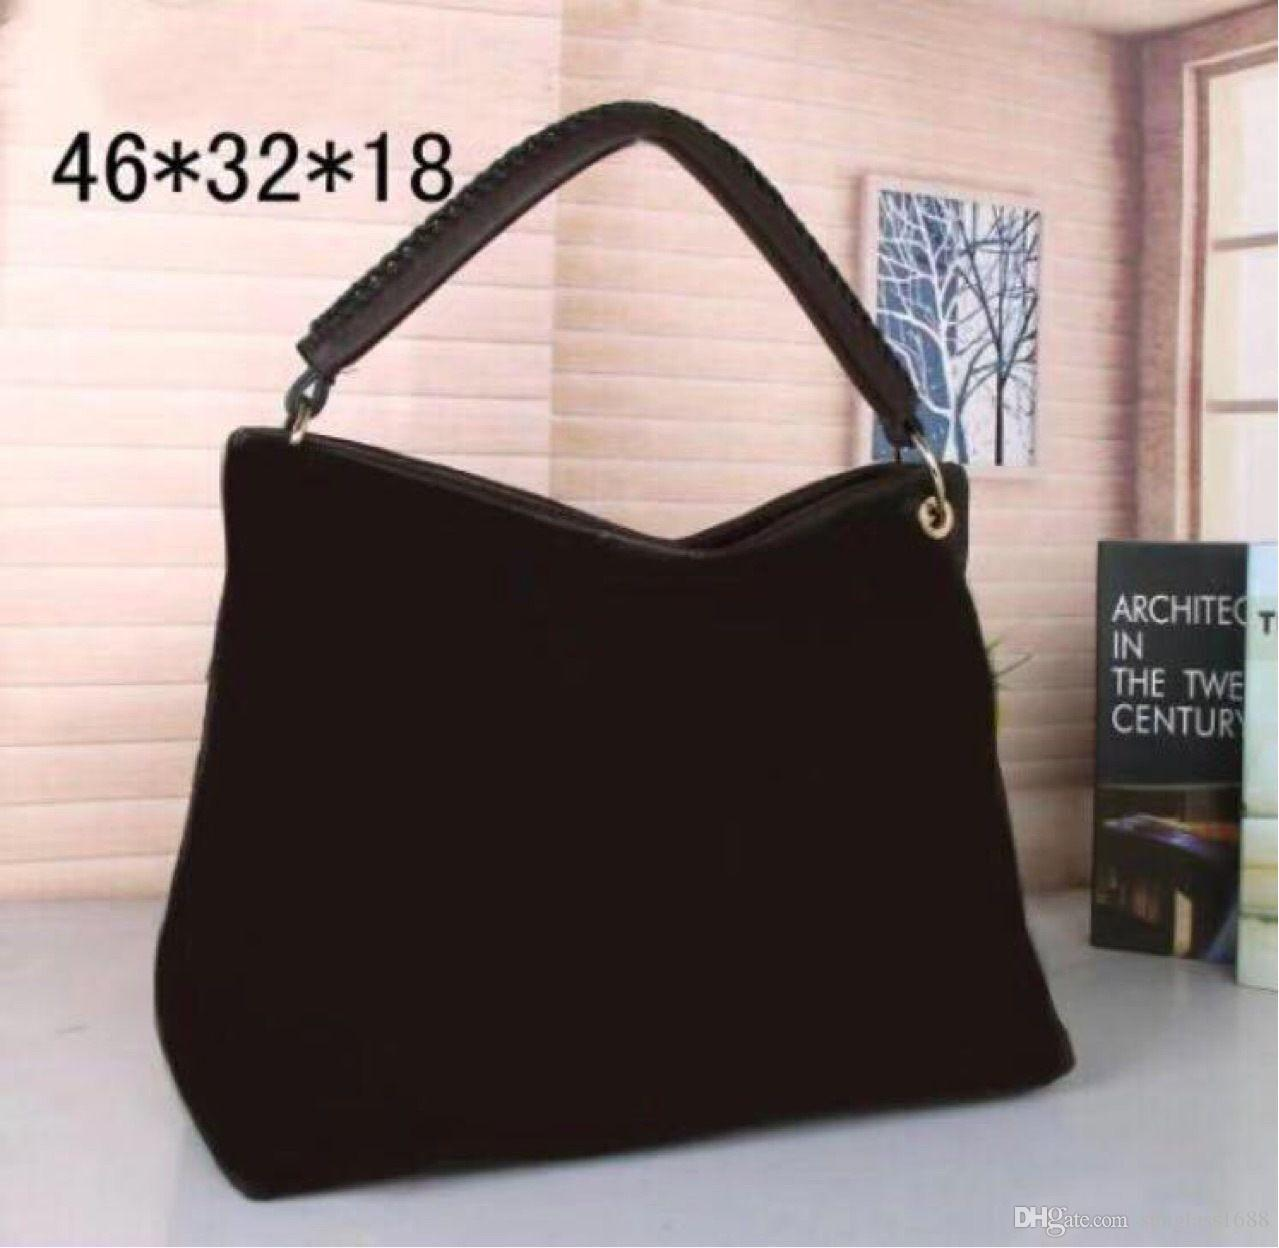 3 لون أعلى جودة خمر النقش الزهور حقيبة M40249 النساء جلد حقيقي ارتسي حقيبة تسوق حمل مصمم المحفظة حقائب الكتف